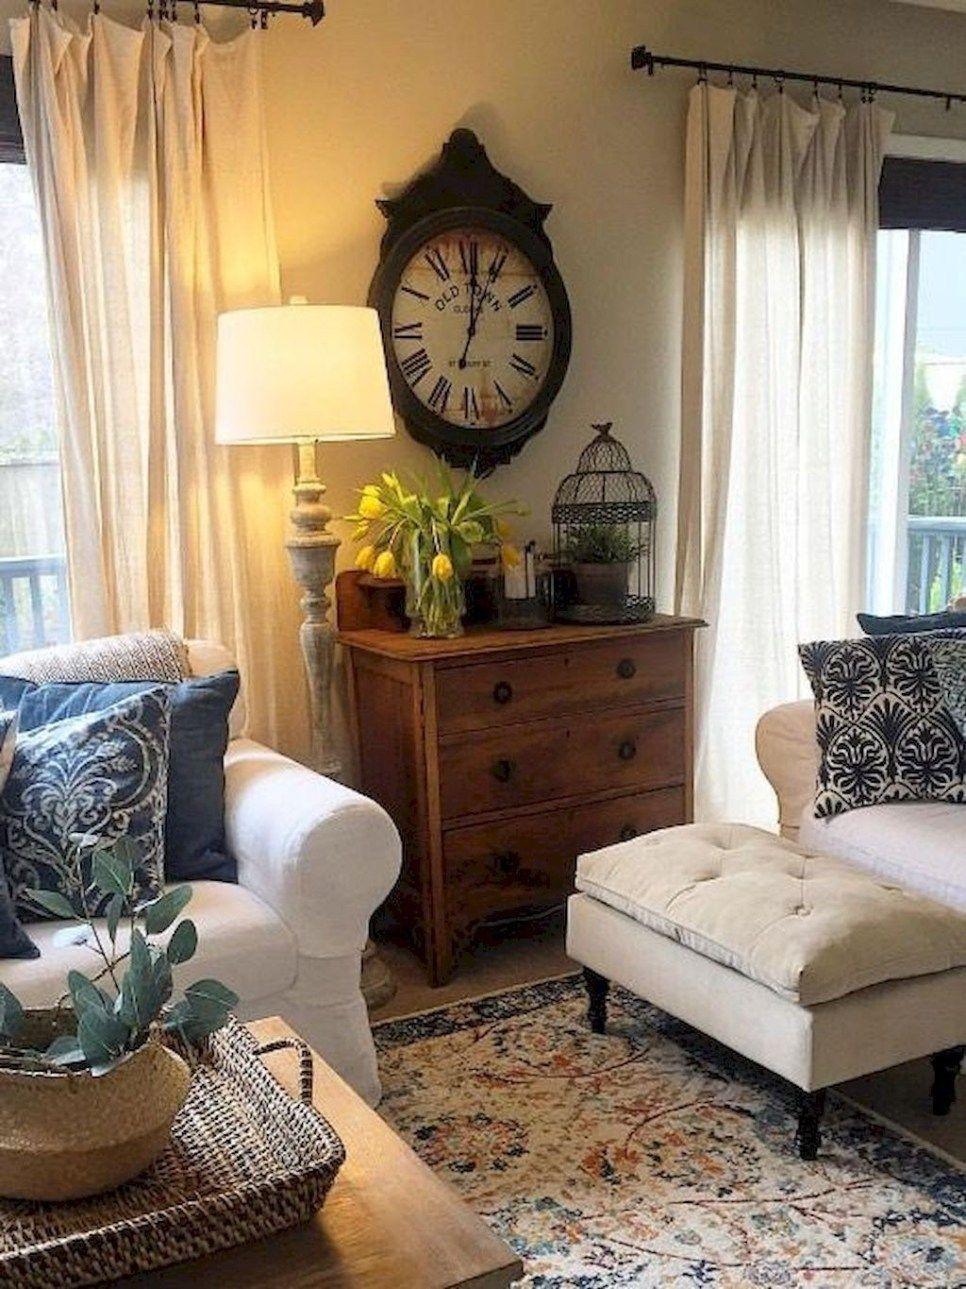 Decoomo Trends Home Decoration Ideas Living Room Decor Country French Country Decorating Living Room Farm House Living Room